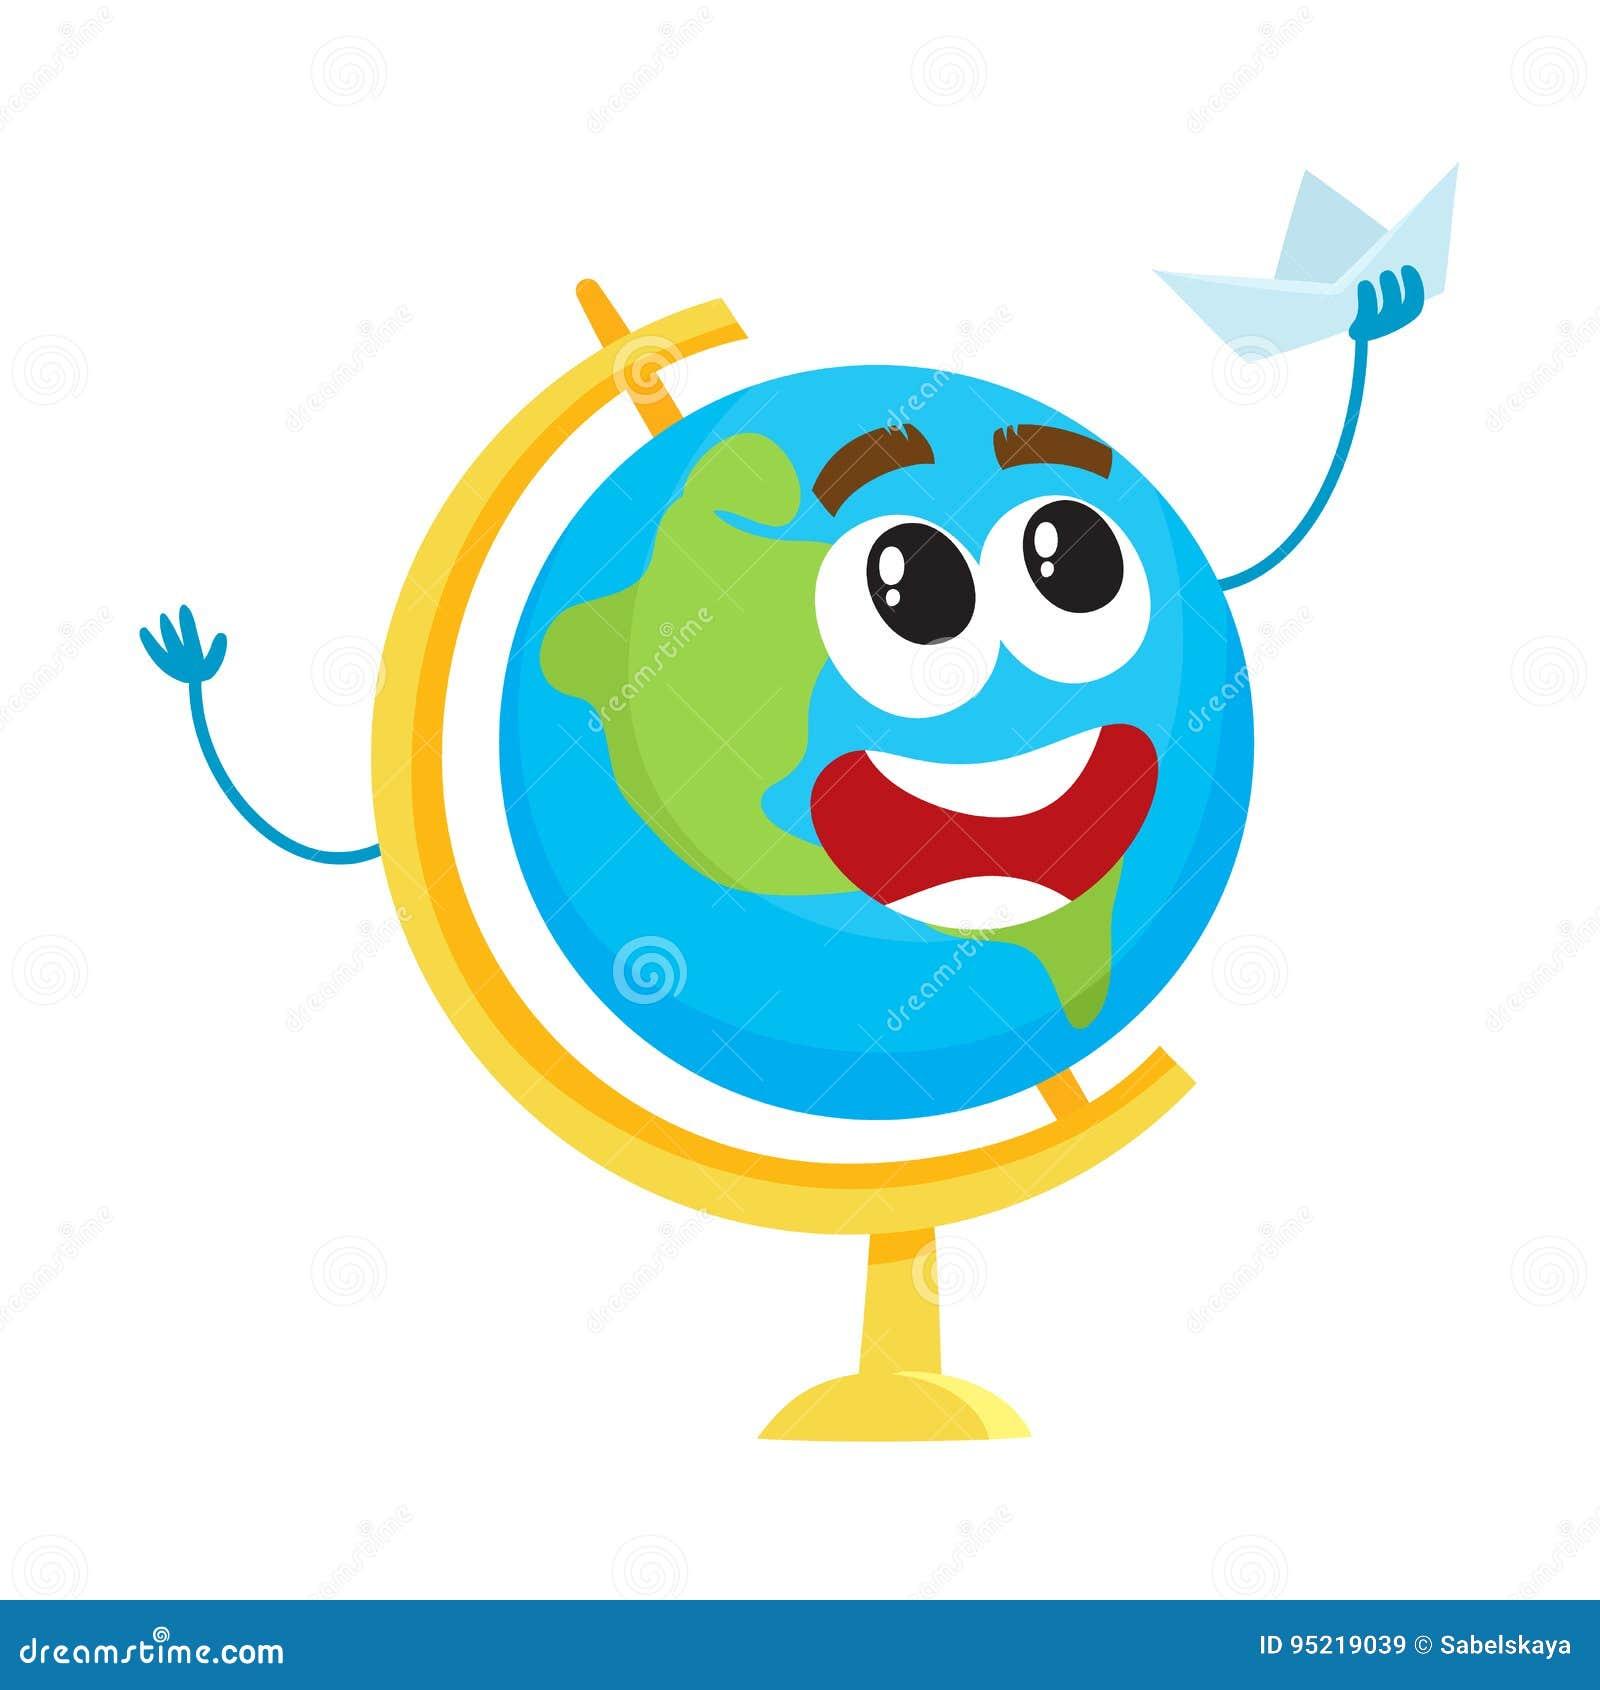 7c438517cb Carattere sveglio e divertente del globo della scuola con il crogiolo  sorridente di carta del giocattolo della tenuta del viso umano,  illustrazione di ...